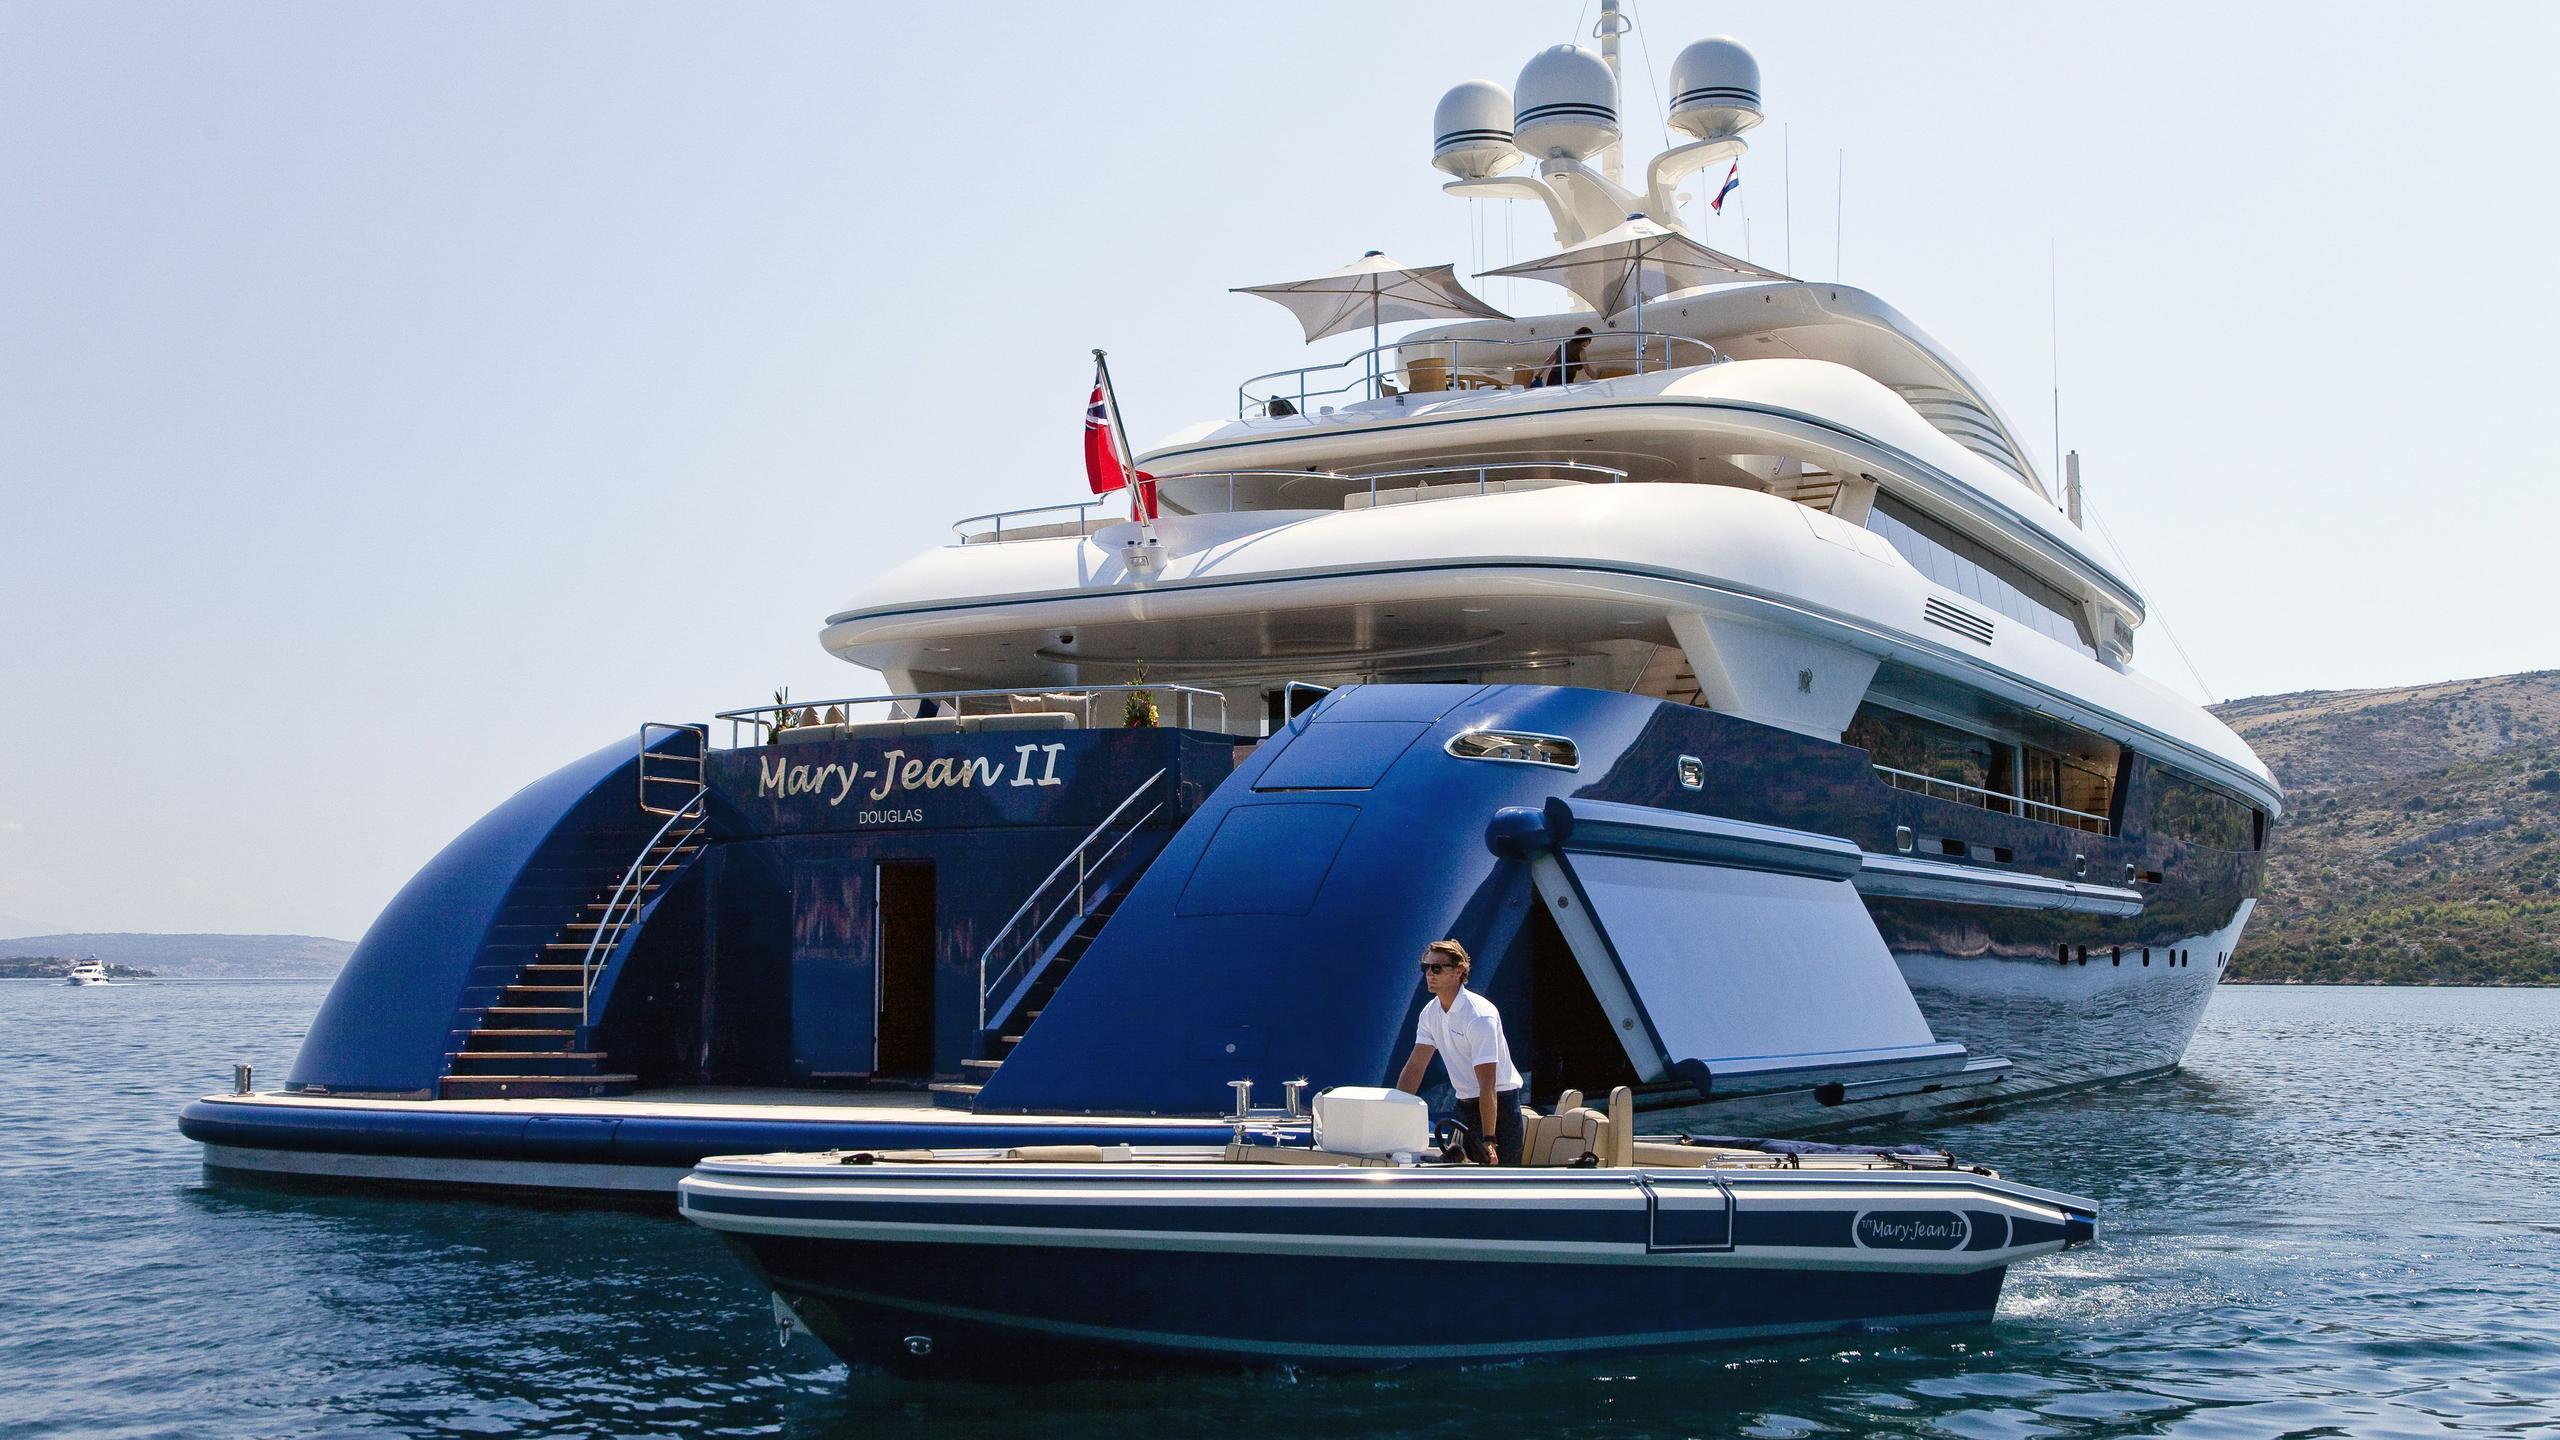 Mary Jean II yacht stern